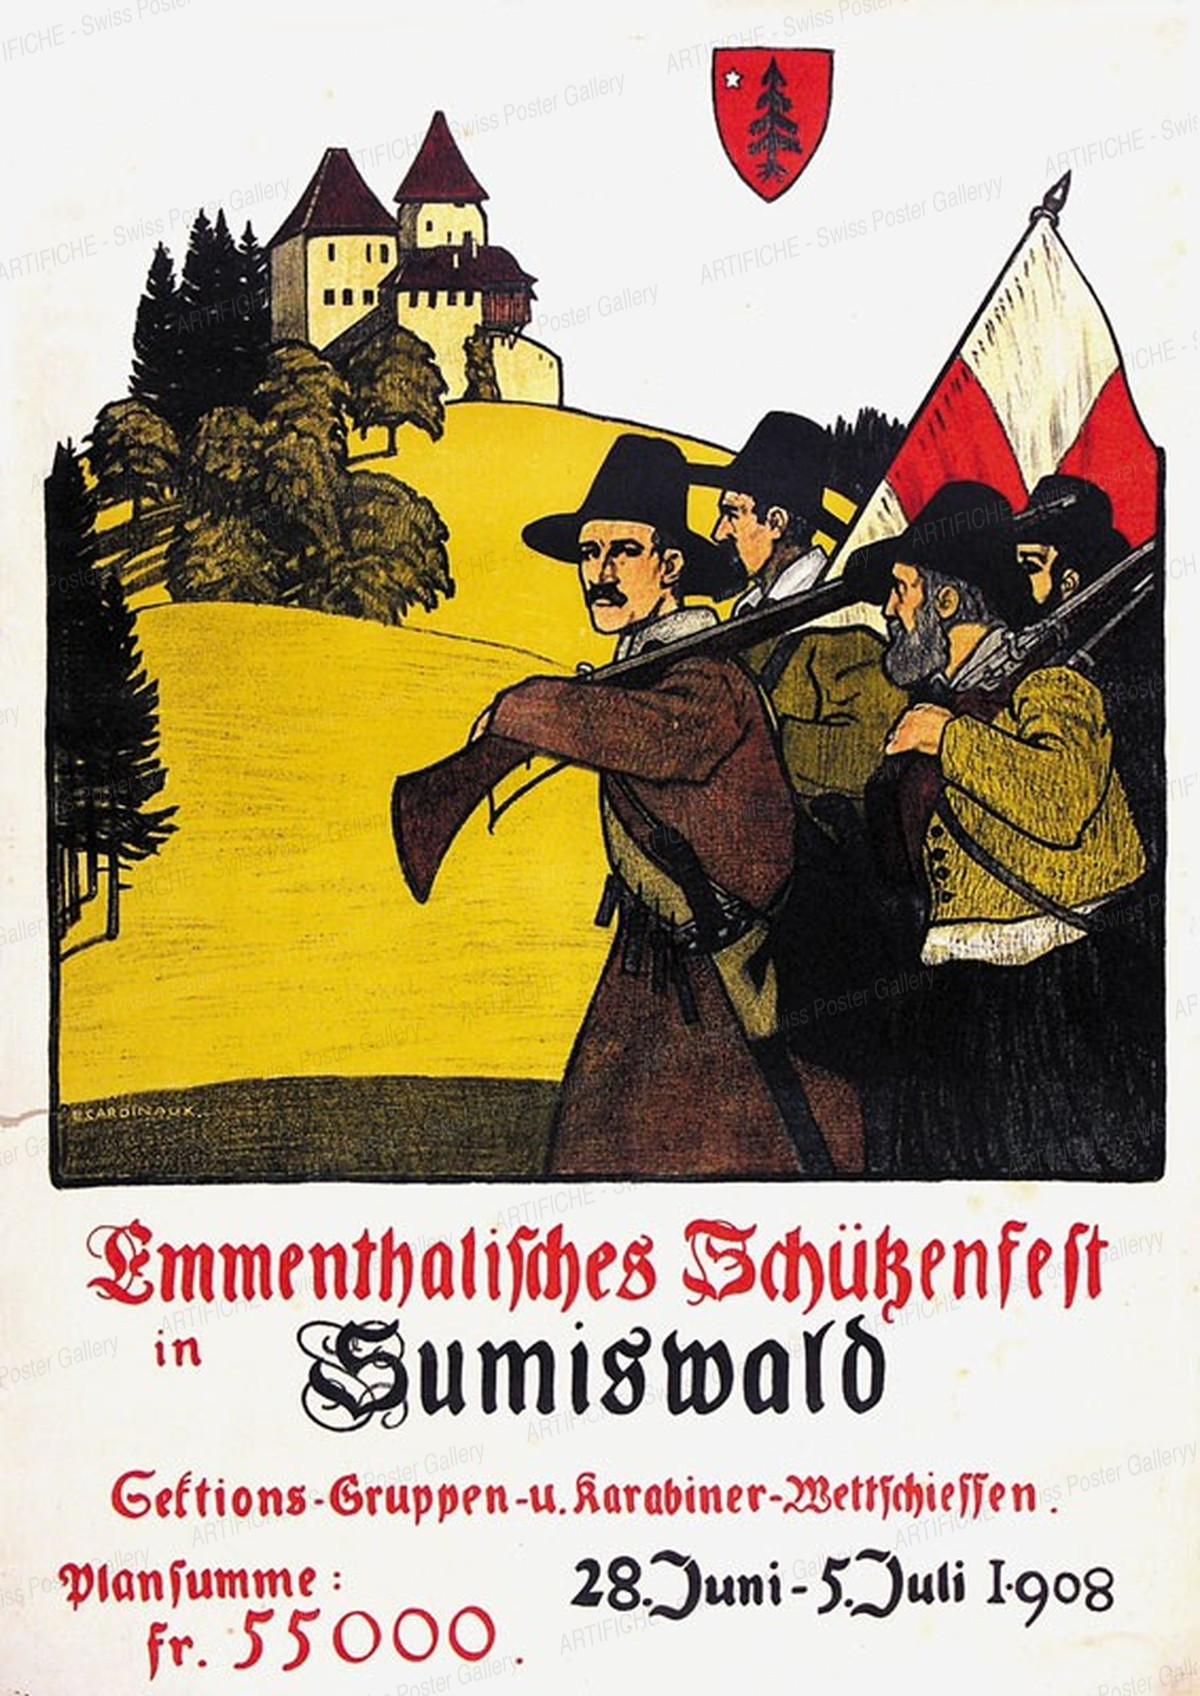 Emmenthalisches Schützenfest in Sumiswald – Sektions-Gruppen u. Karabiner-Wettschiessen – 1908, Emil Cardinaux